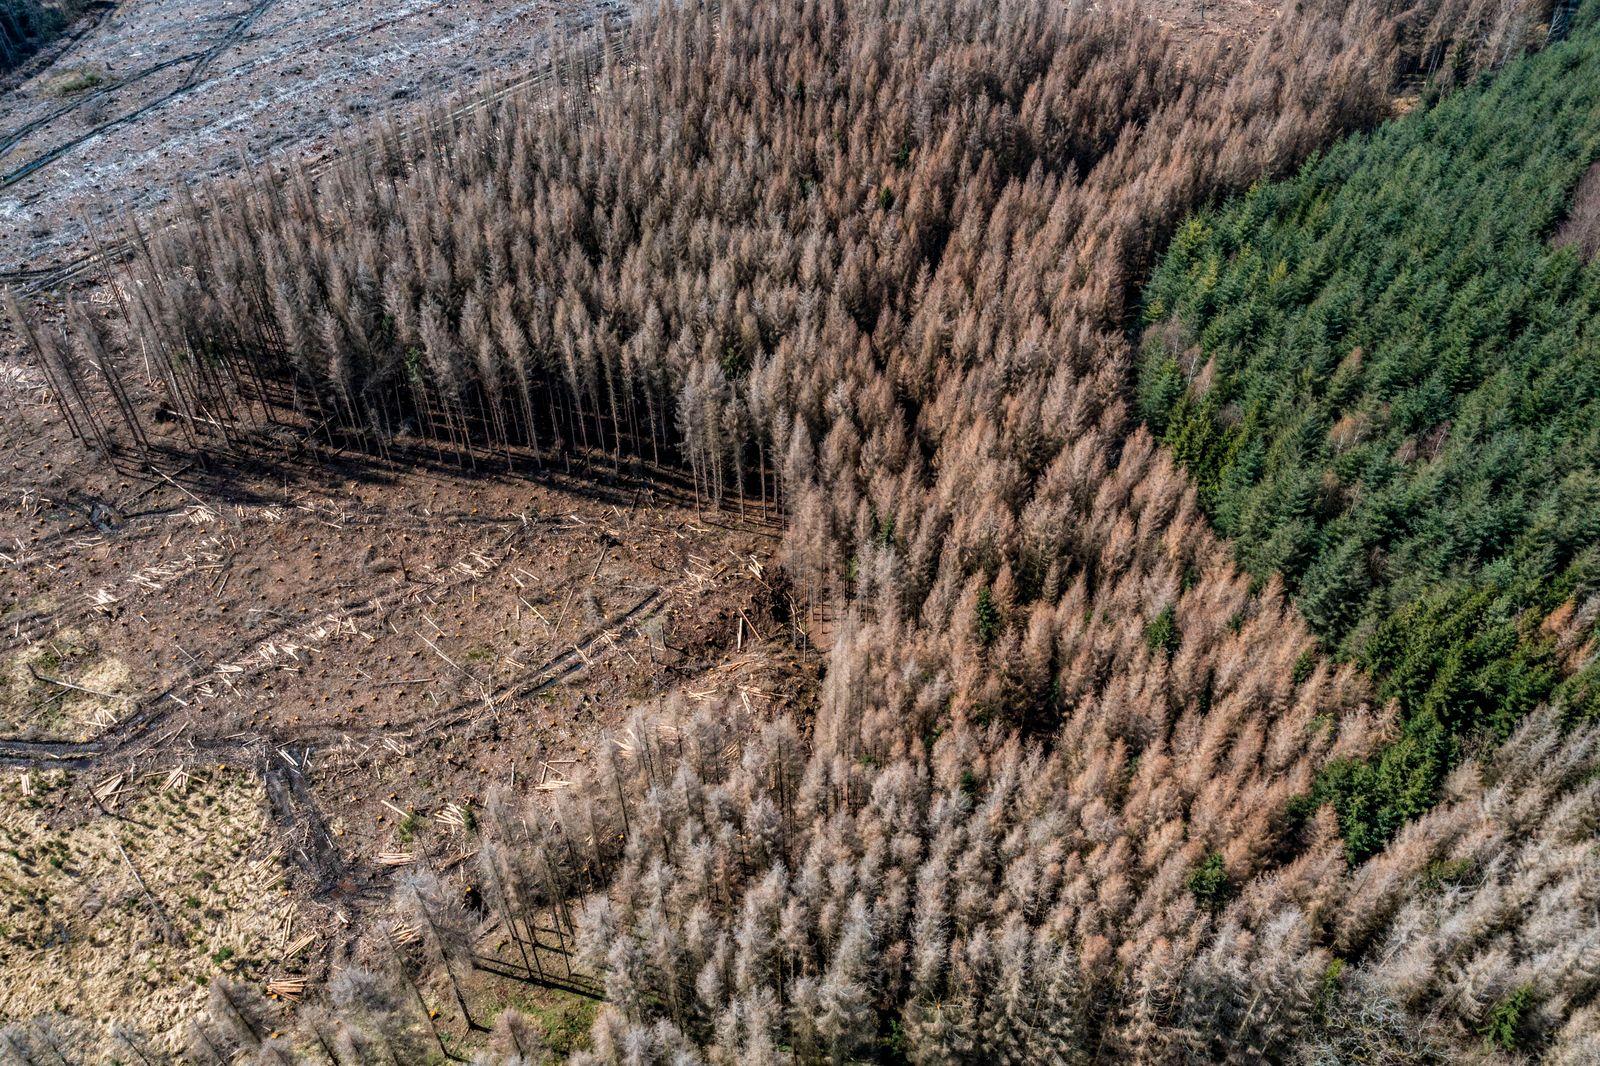 Gebiet im Arnsberger Wald bei Warstein-Sichtigvor, Kreis Soest, Gelände eines Fichtenwald der auf Grund von starken Bork